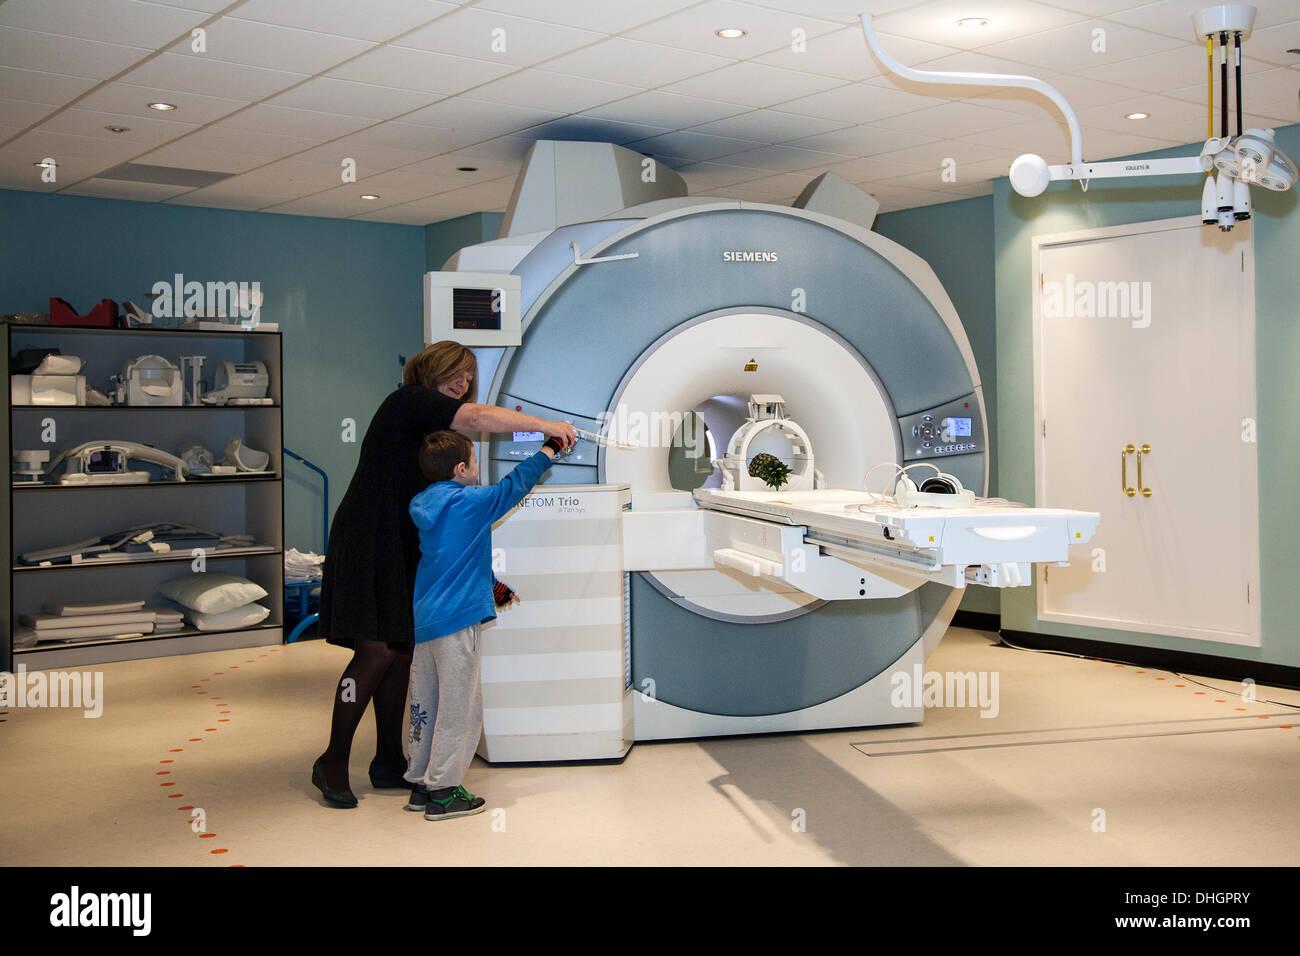 Dundee, Écosse, Royaume-Uni. 9 novembre, 2013. Démontrer les propriétés magnétiques de l'IRM Siemens Trio scanner corporel à la Dundee Science Festival, le Centre de recherches cliniques Installations d'imagerie de l'hôpital Ninewells génétique humaine de l'Université de l'intérieur = science research labs. Photo Stock